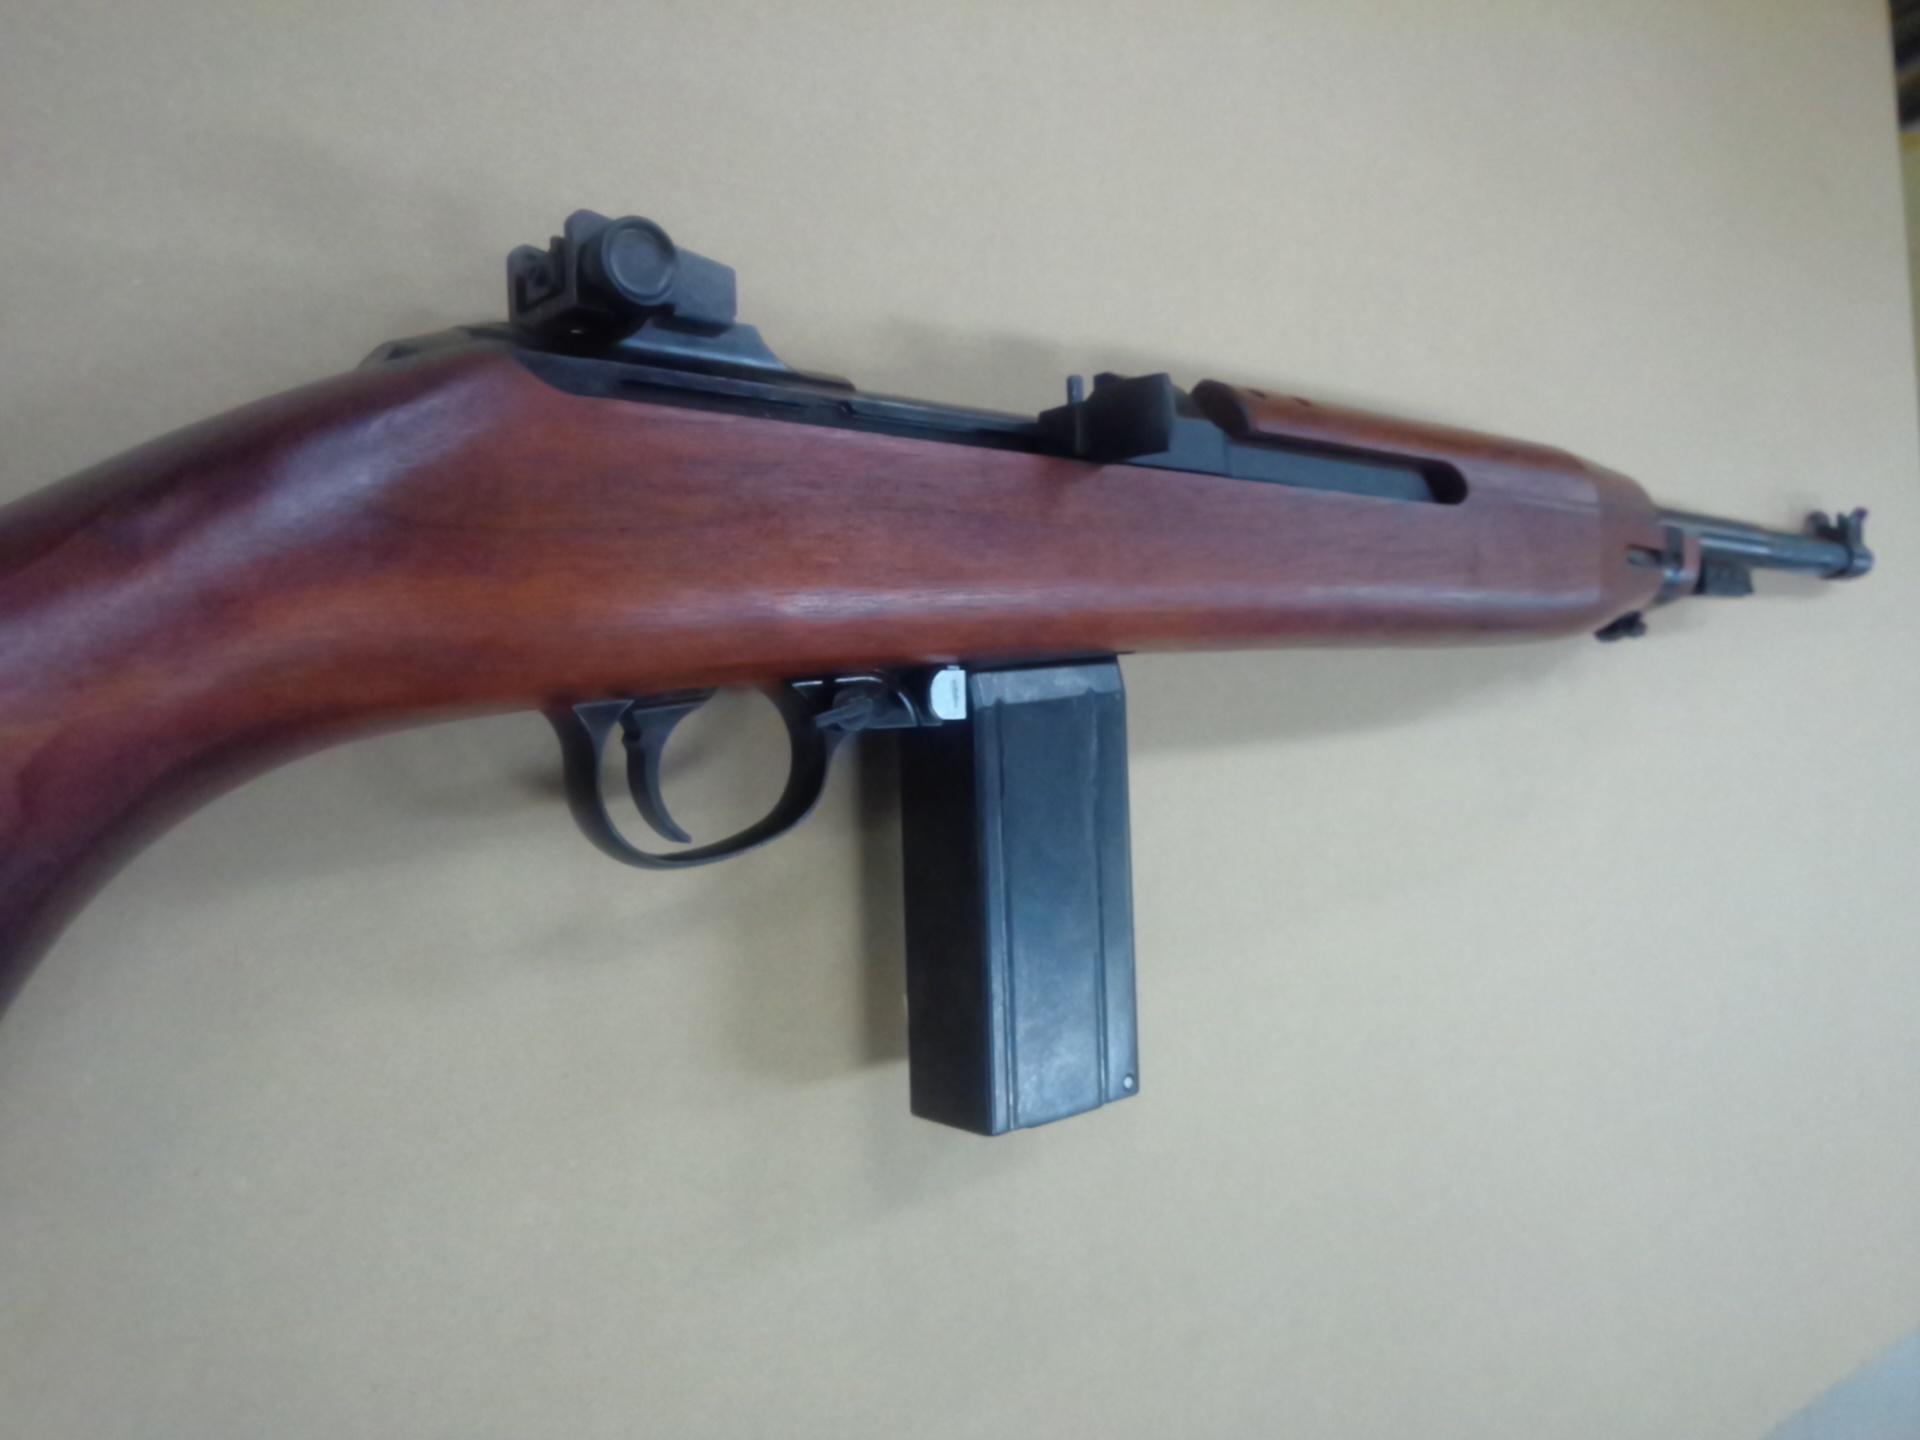 KIMG0234